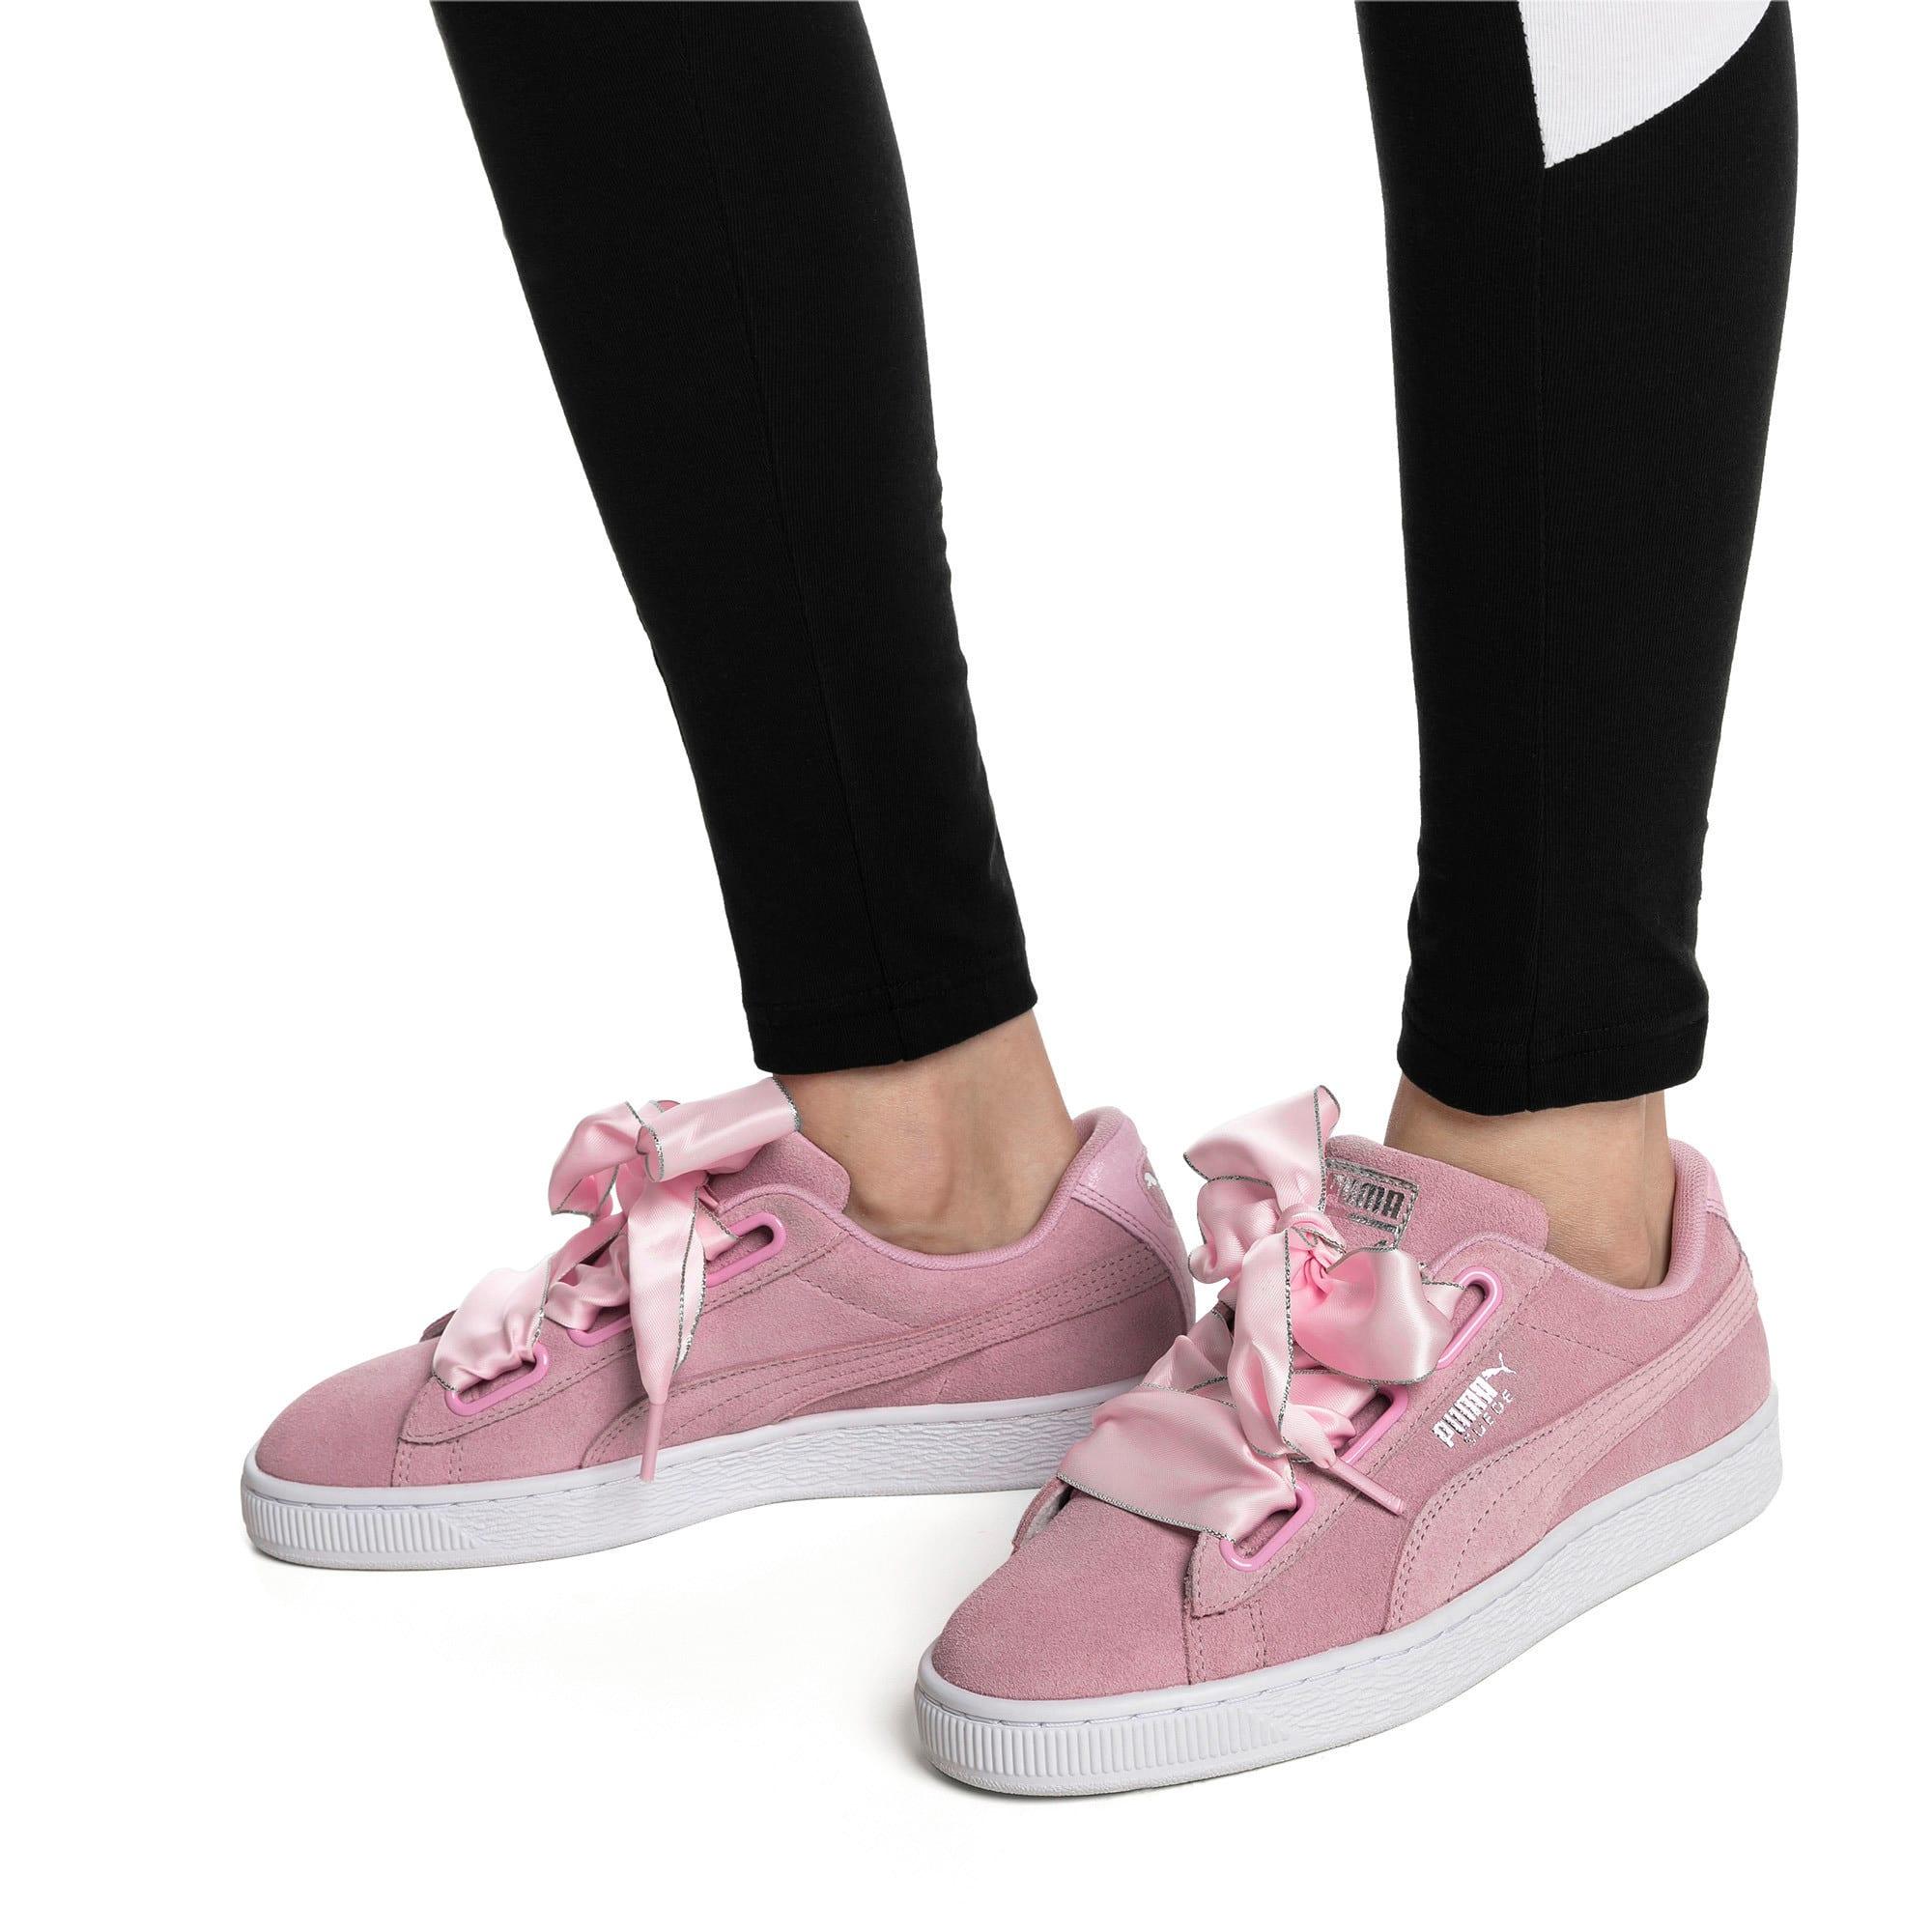 Pink Suede Heart Galaxy Women's Sneaker, Puma